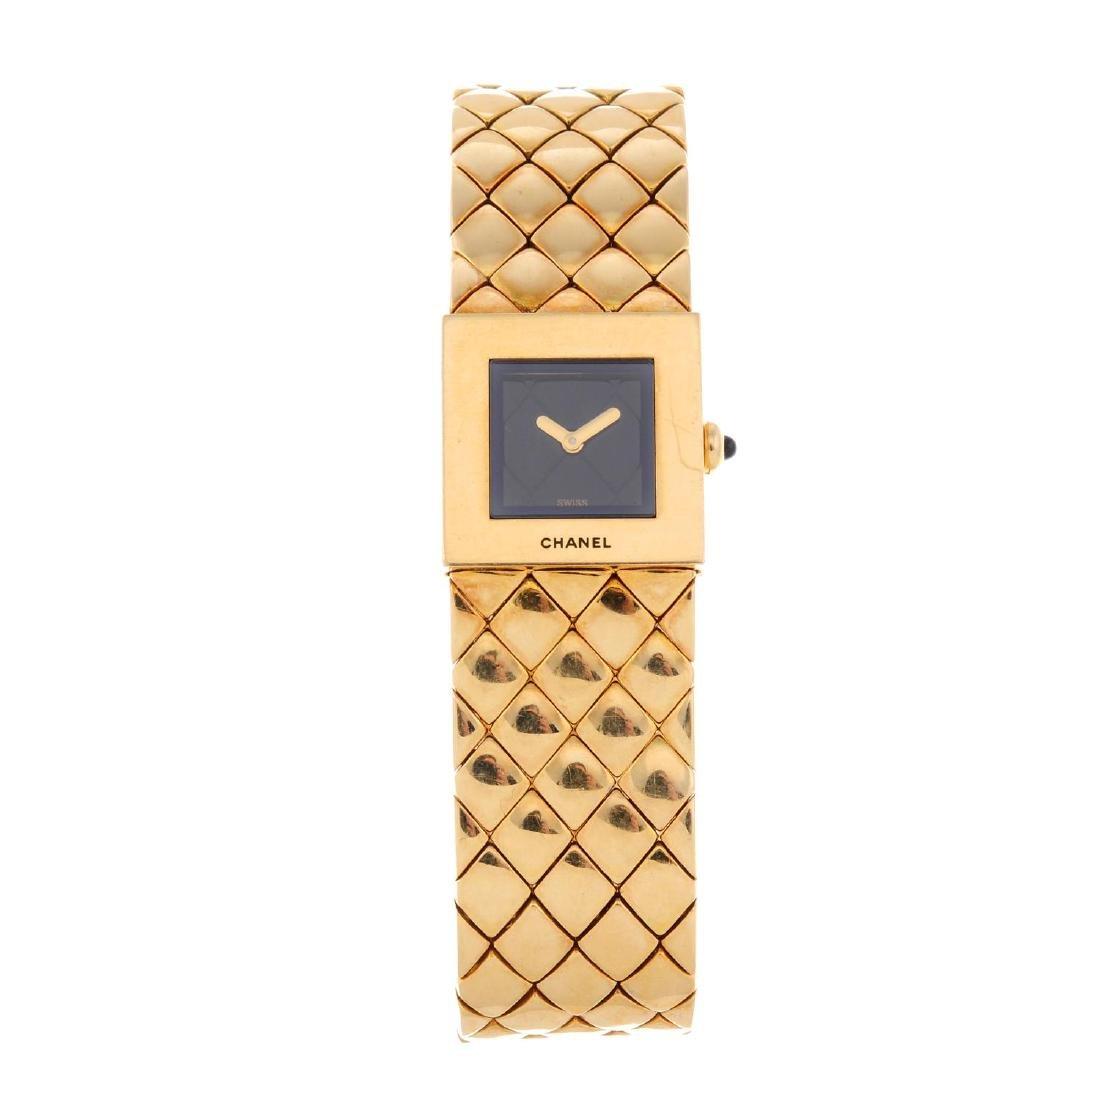 CHANEL - a lady's Matelassé bracelet watch. 18ct yellow